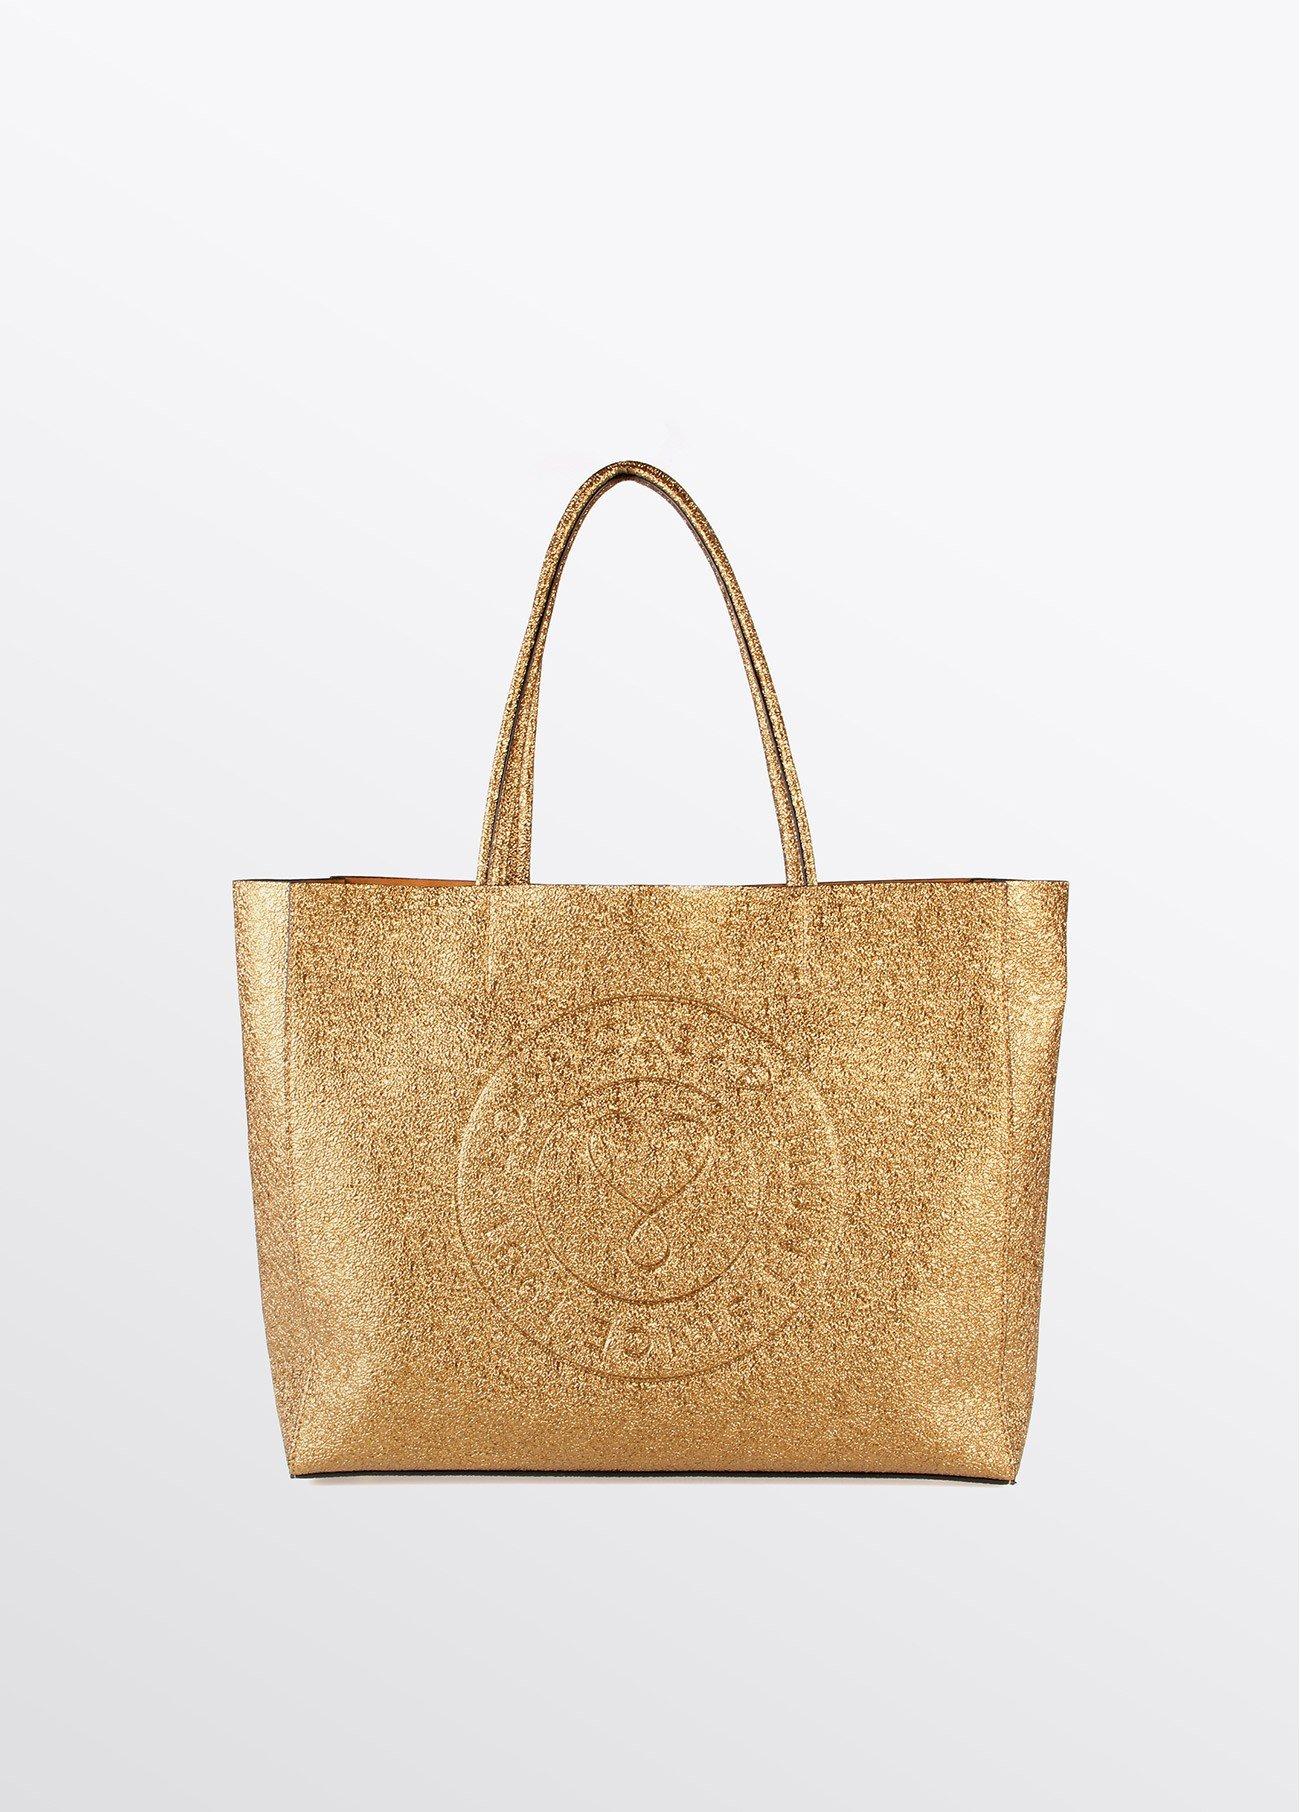 Bolso shopper brillante, marino, dorado